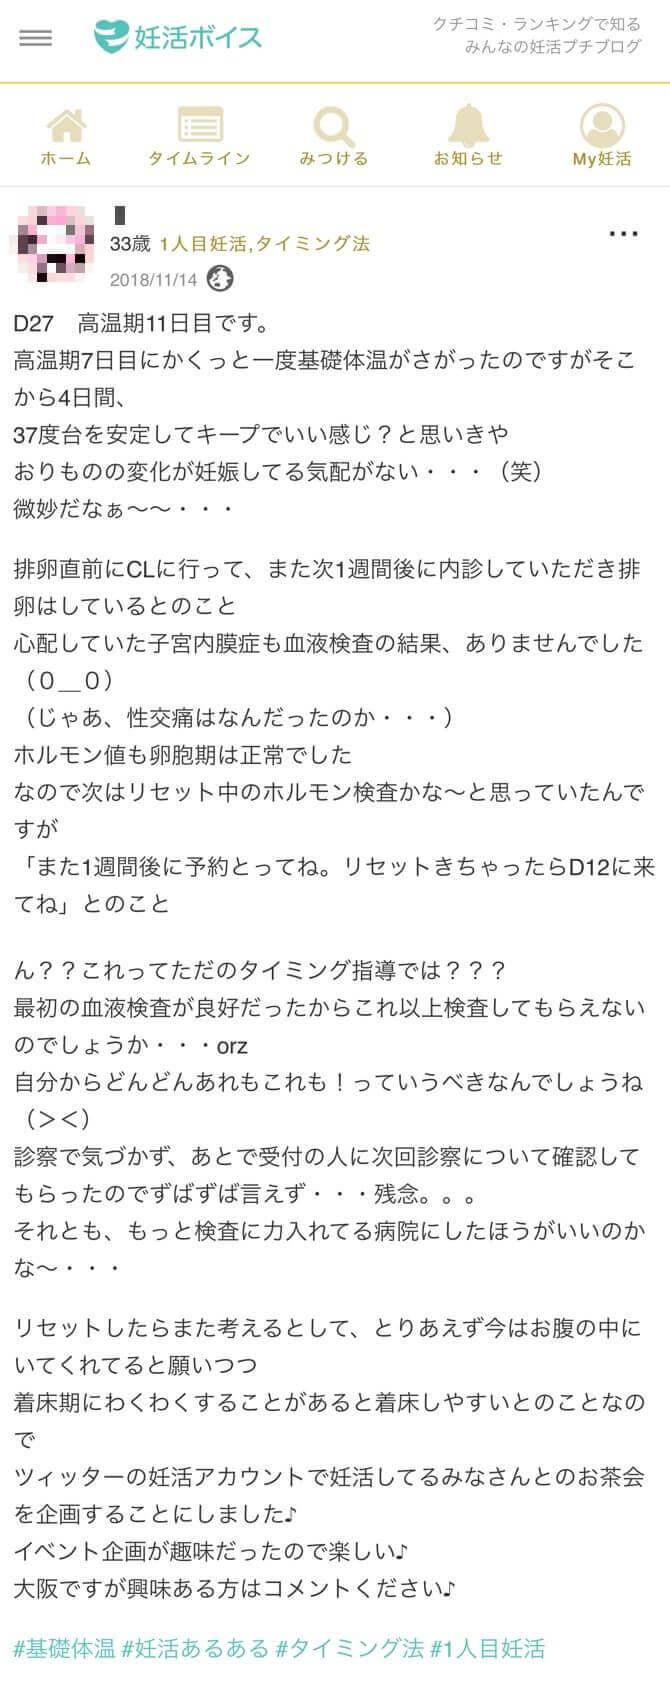 Lさん(33歳・1人目妊活・タイミング法)